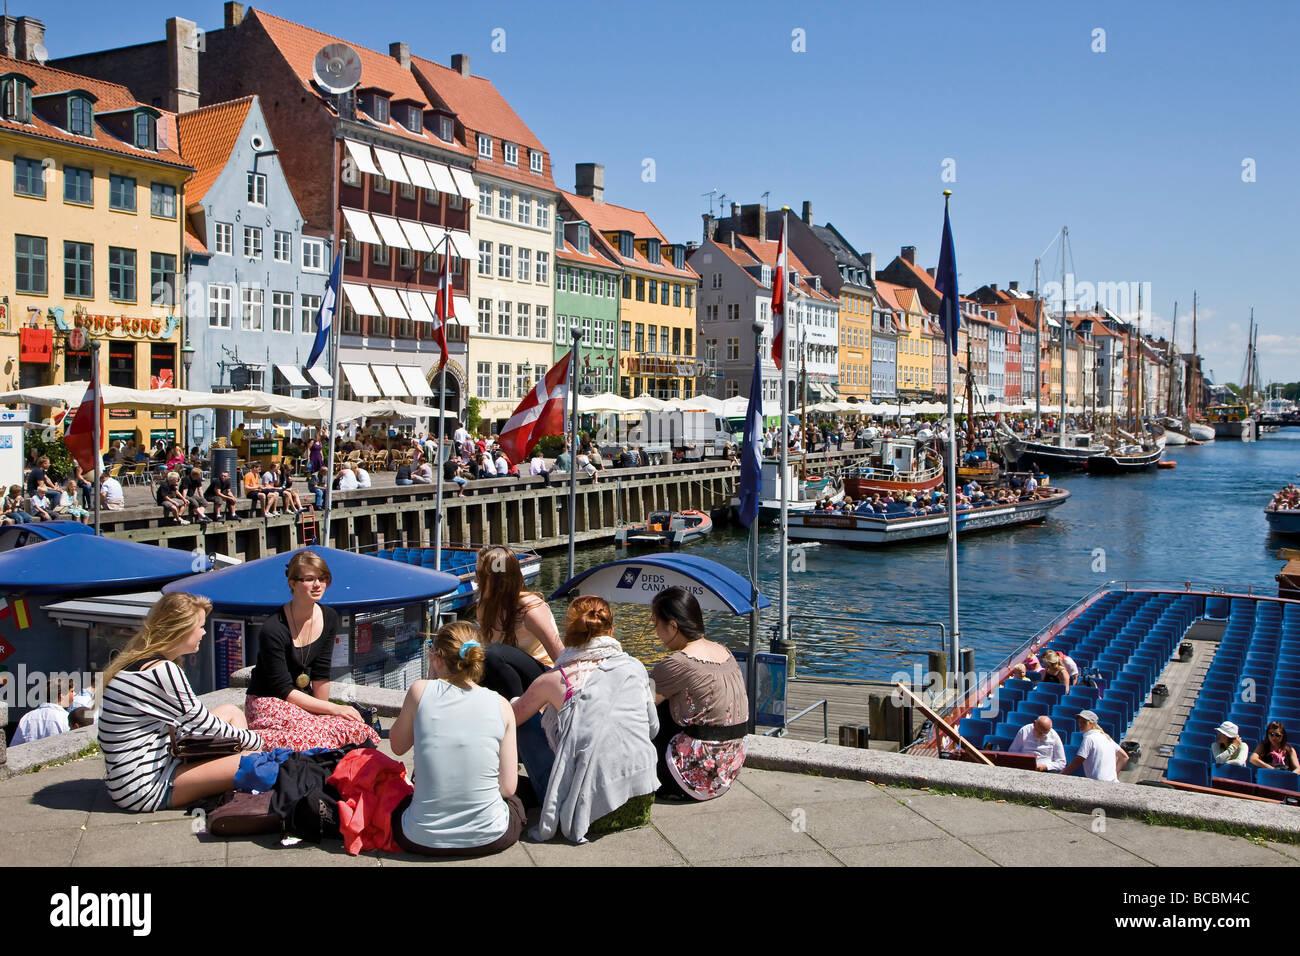 Tourists relaxing in Nyhavn Copenhagen - Stock Image